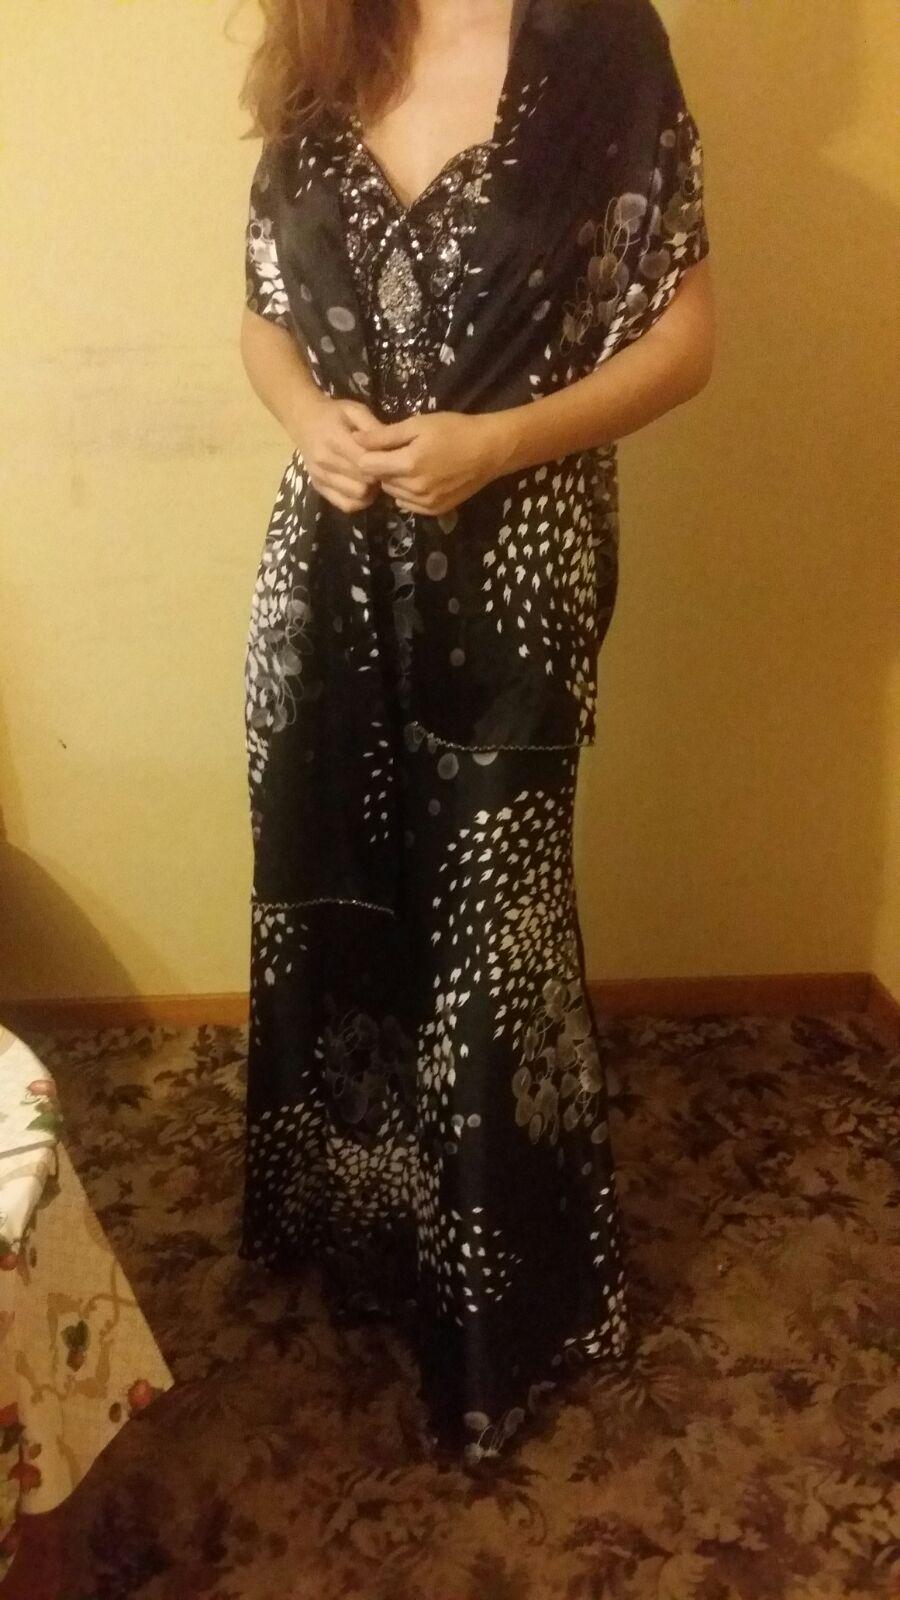 Dámske spoločenské šaty, veľkosť 38 - Obrázok č. 4